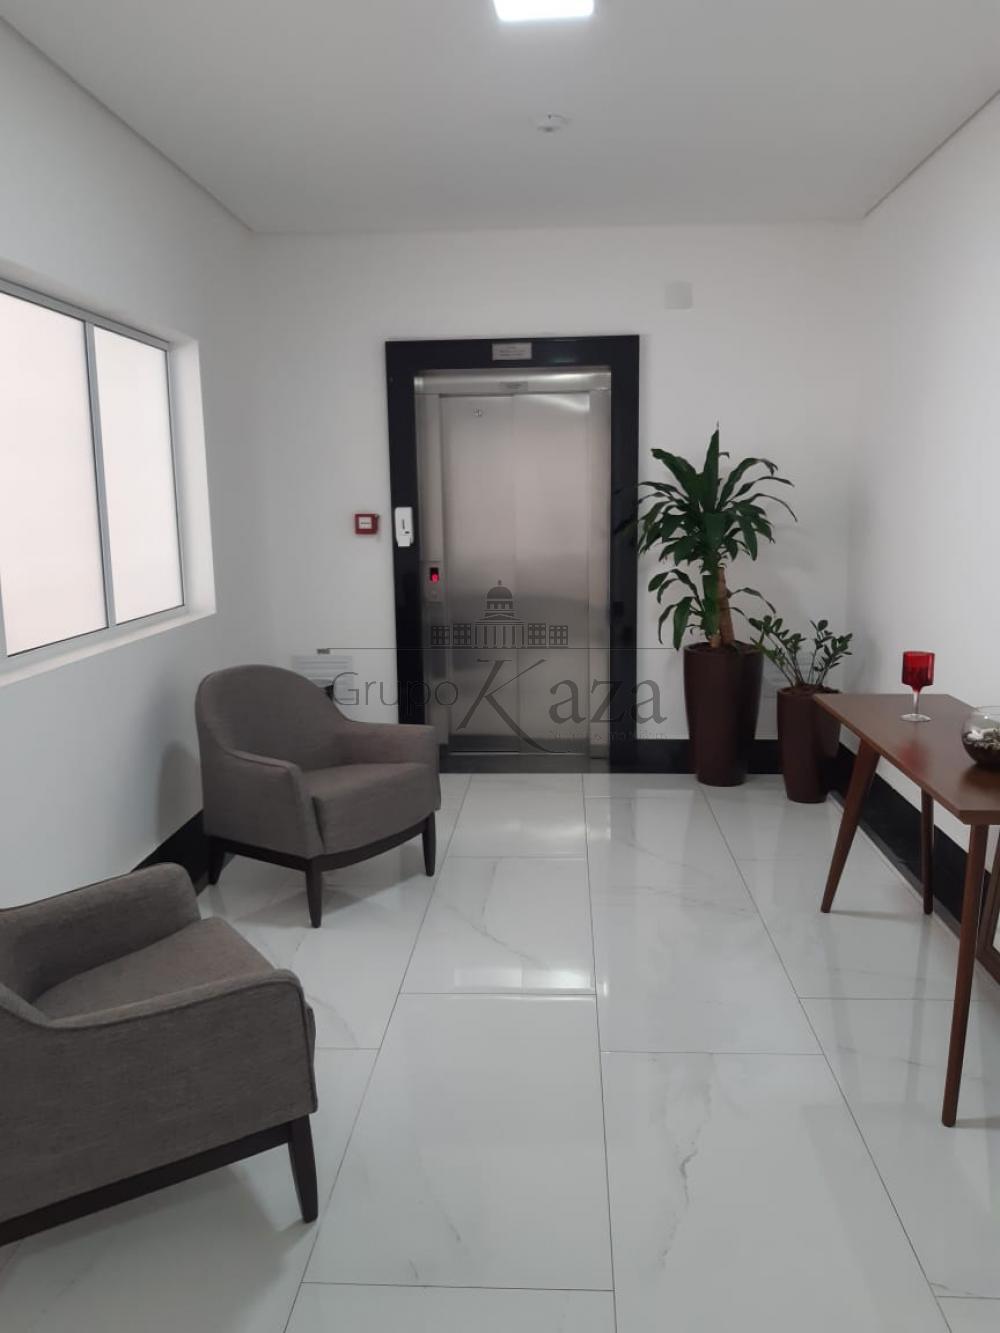 alt='Alugar Apartamento / Padrão em São José dos Campos R$ 2.400,00 - Foto 30' title='Alugar Apartamento / Padrão em São José dos Campos R$ 2.400,00 - Foto 30'